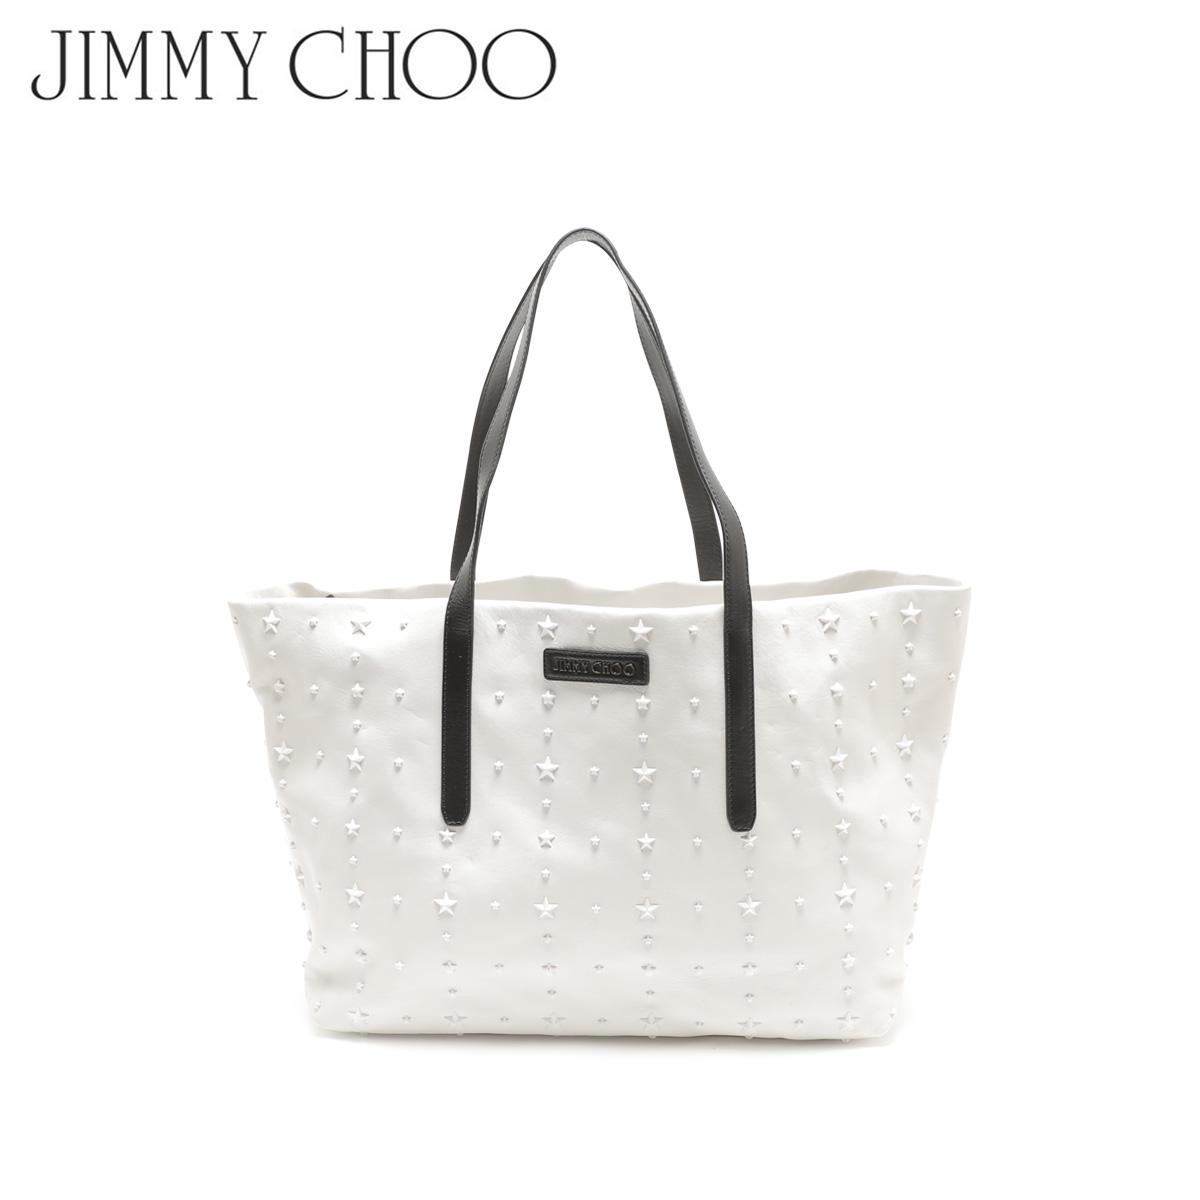 【訳あり】 ジミーチュウ JIMMY CHOO バッグ トートバッグ スタッズ レディース TOTE BAG ホワイト 1119104 【返品不可】